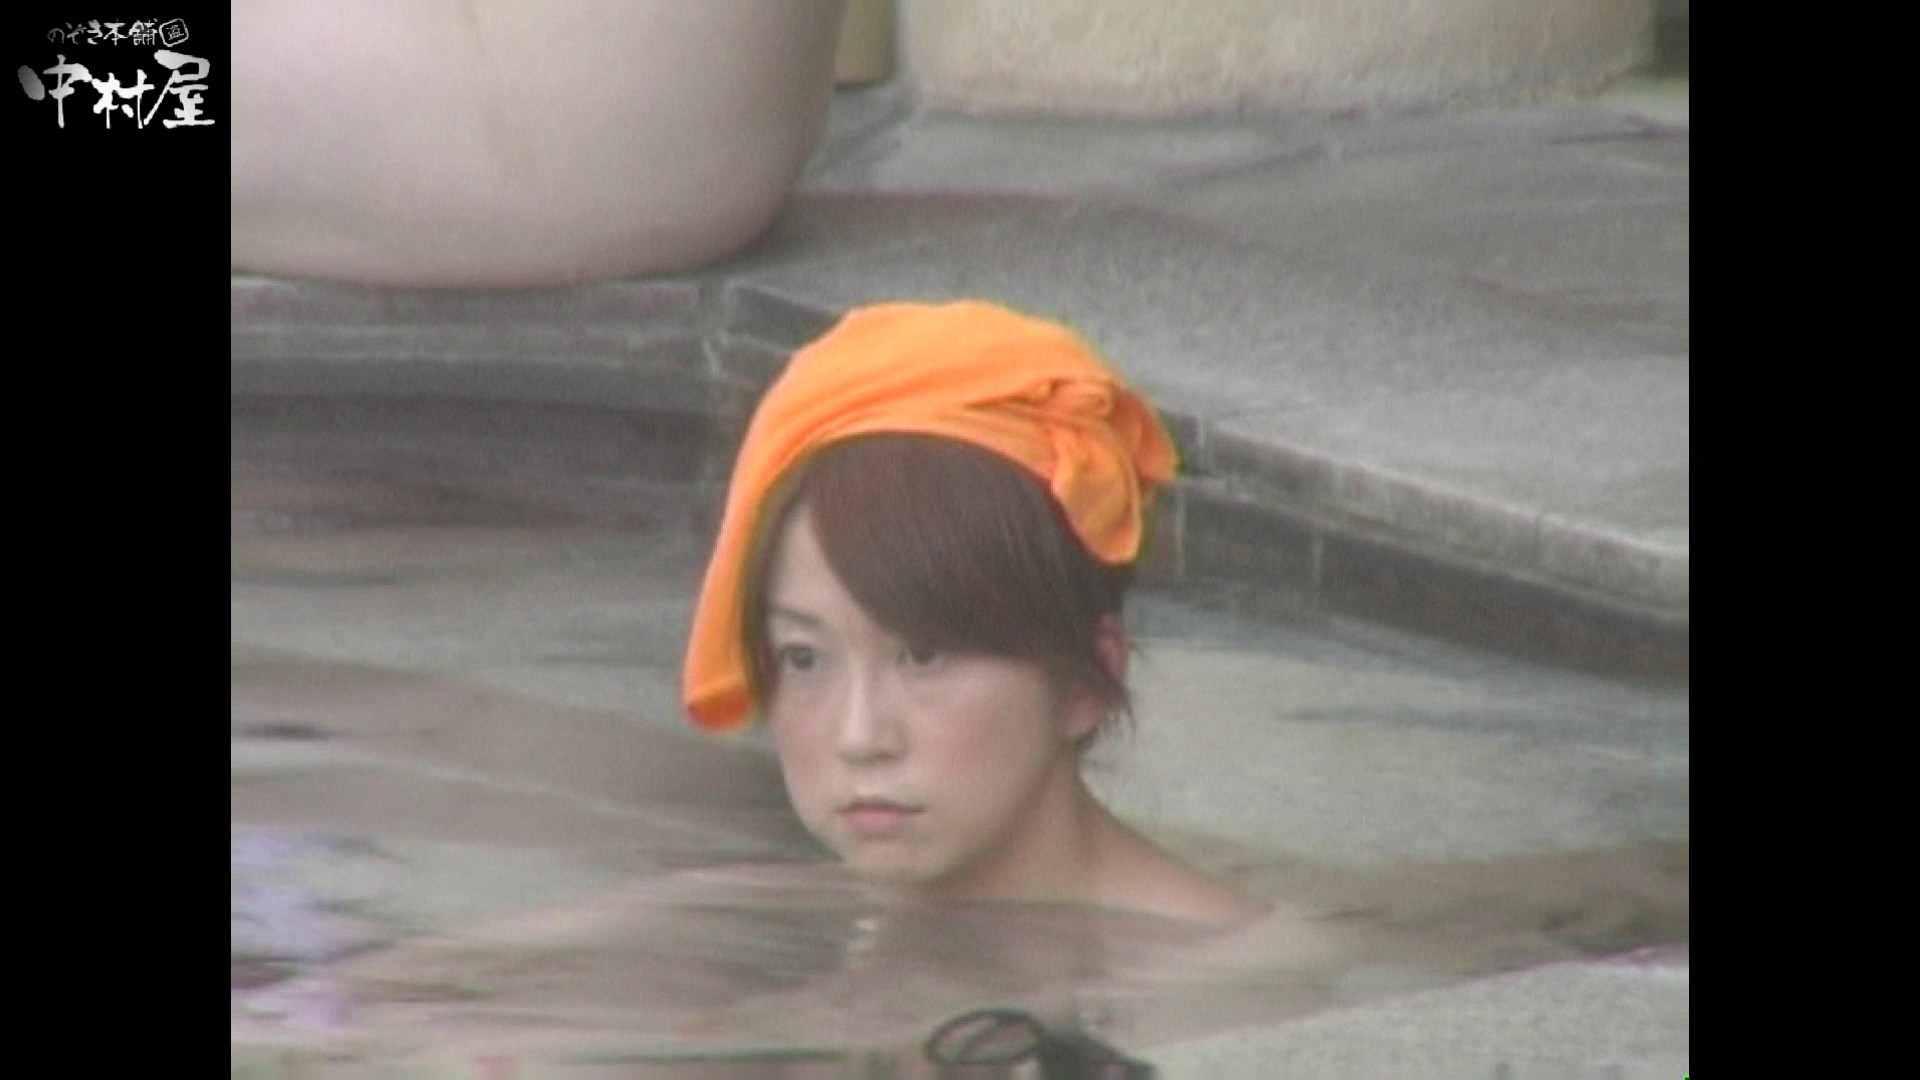 Aquaな露天風呂Vol.941 OLのエロ生活 アダルト動画キャプチャ 107連発 44